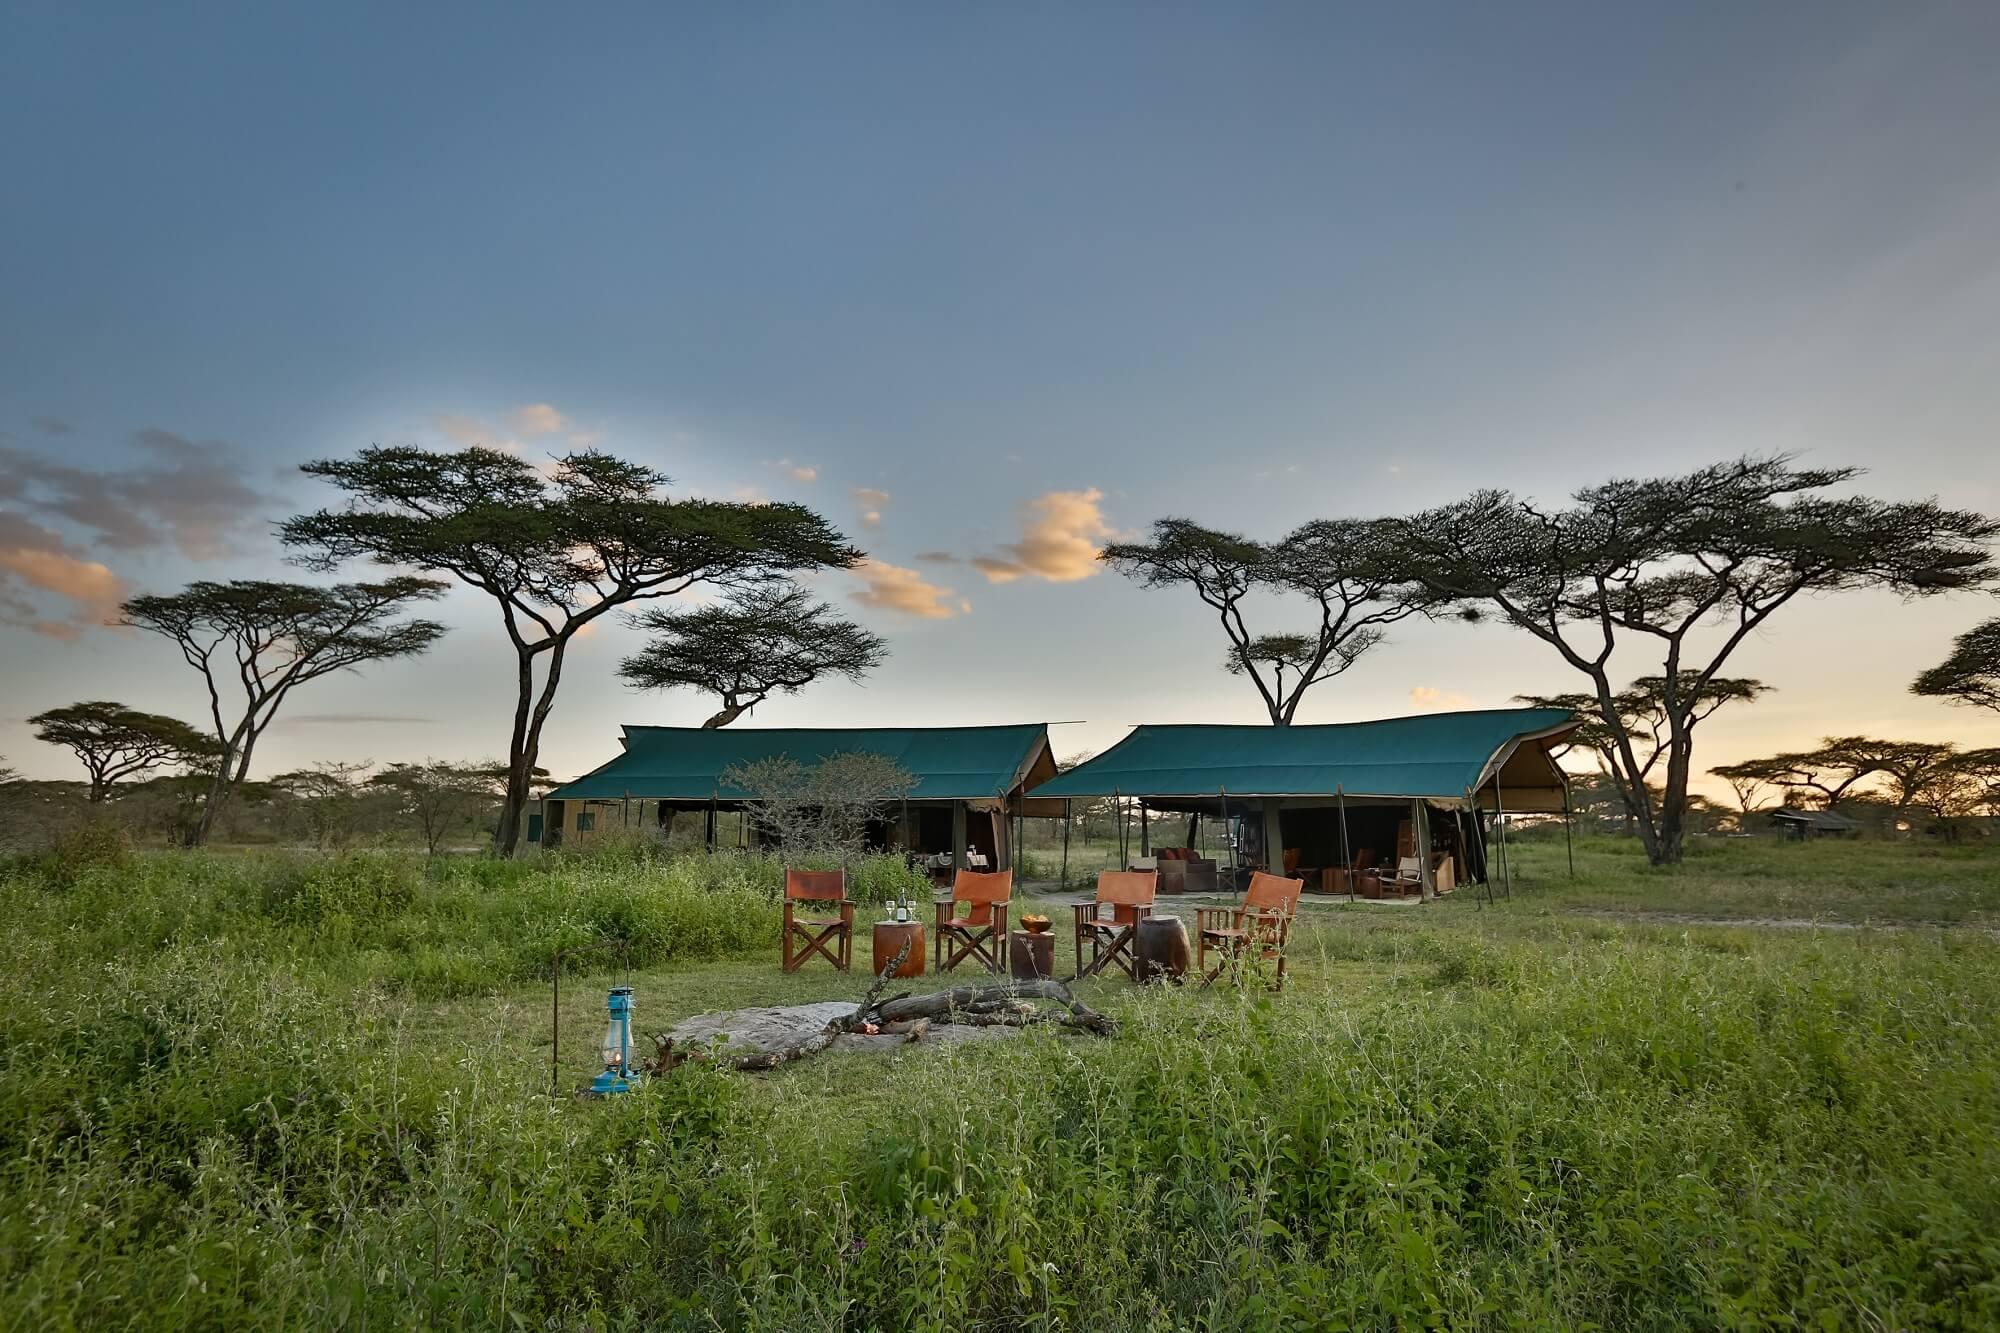 Chaka Serengeti Mara Camp